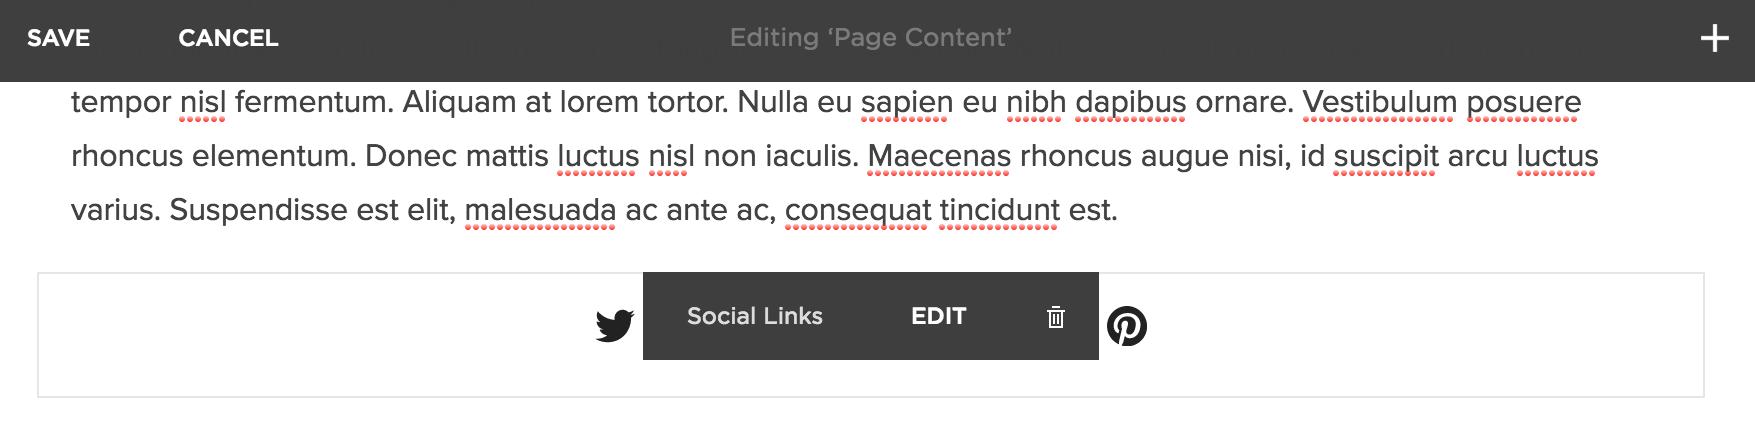 social-links-block.png